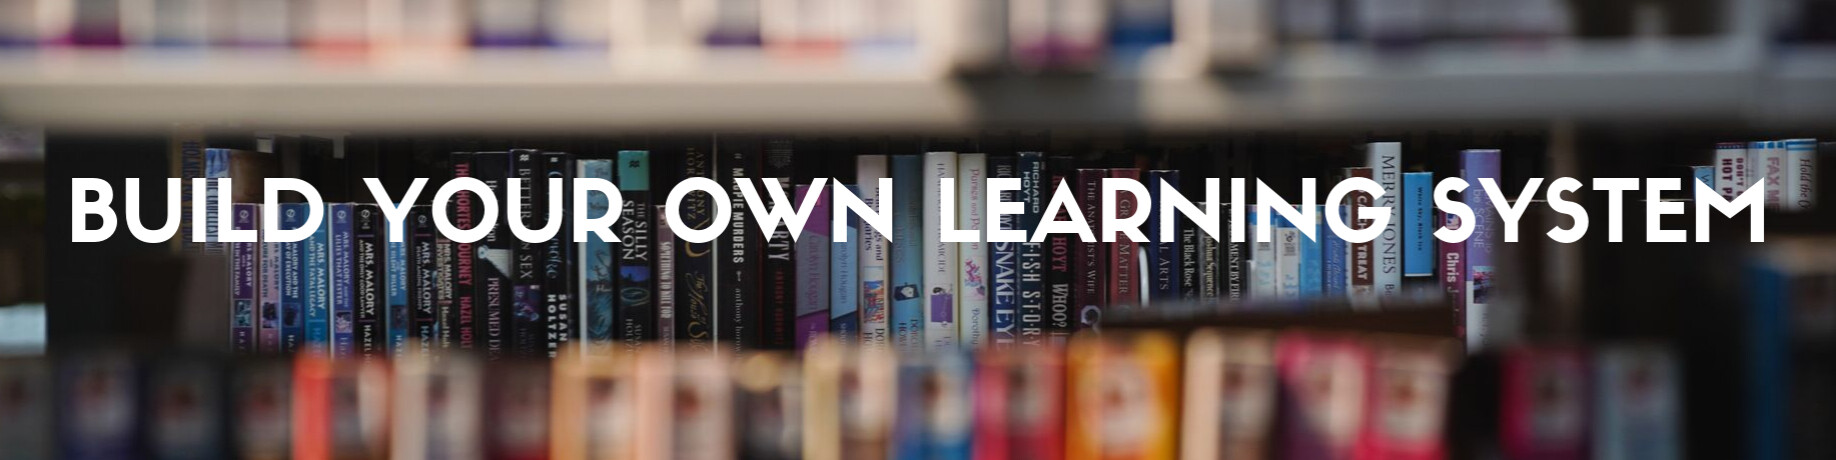 學習長阿康:突破學習困境與職涯瓶頸的行動指南